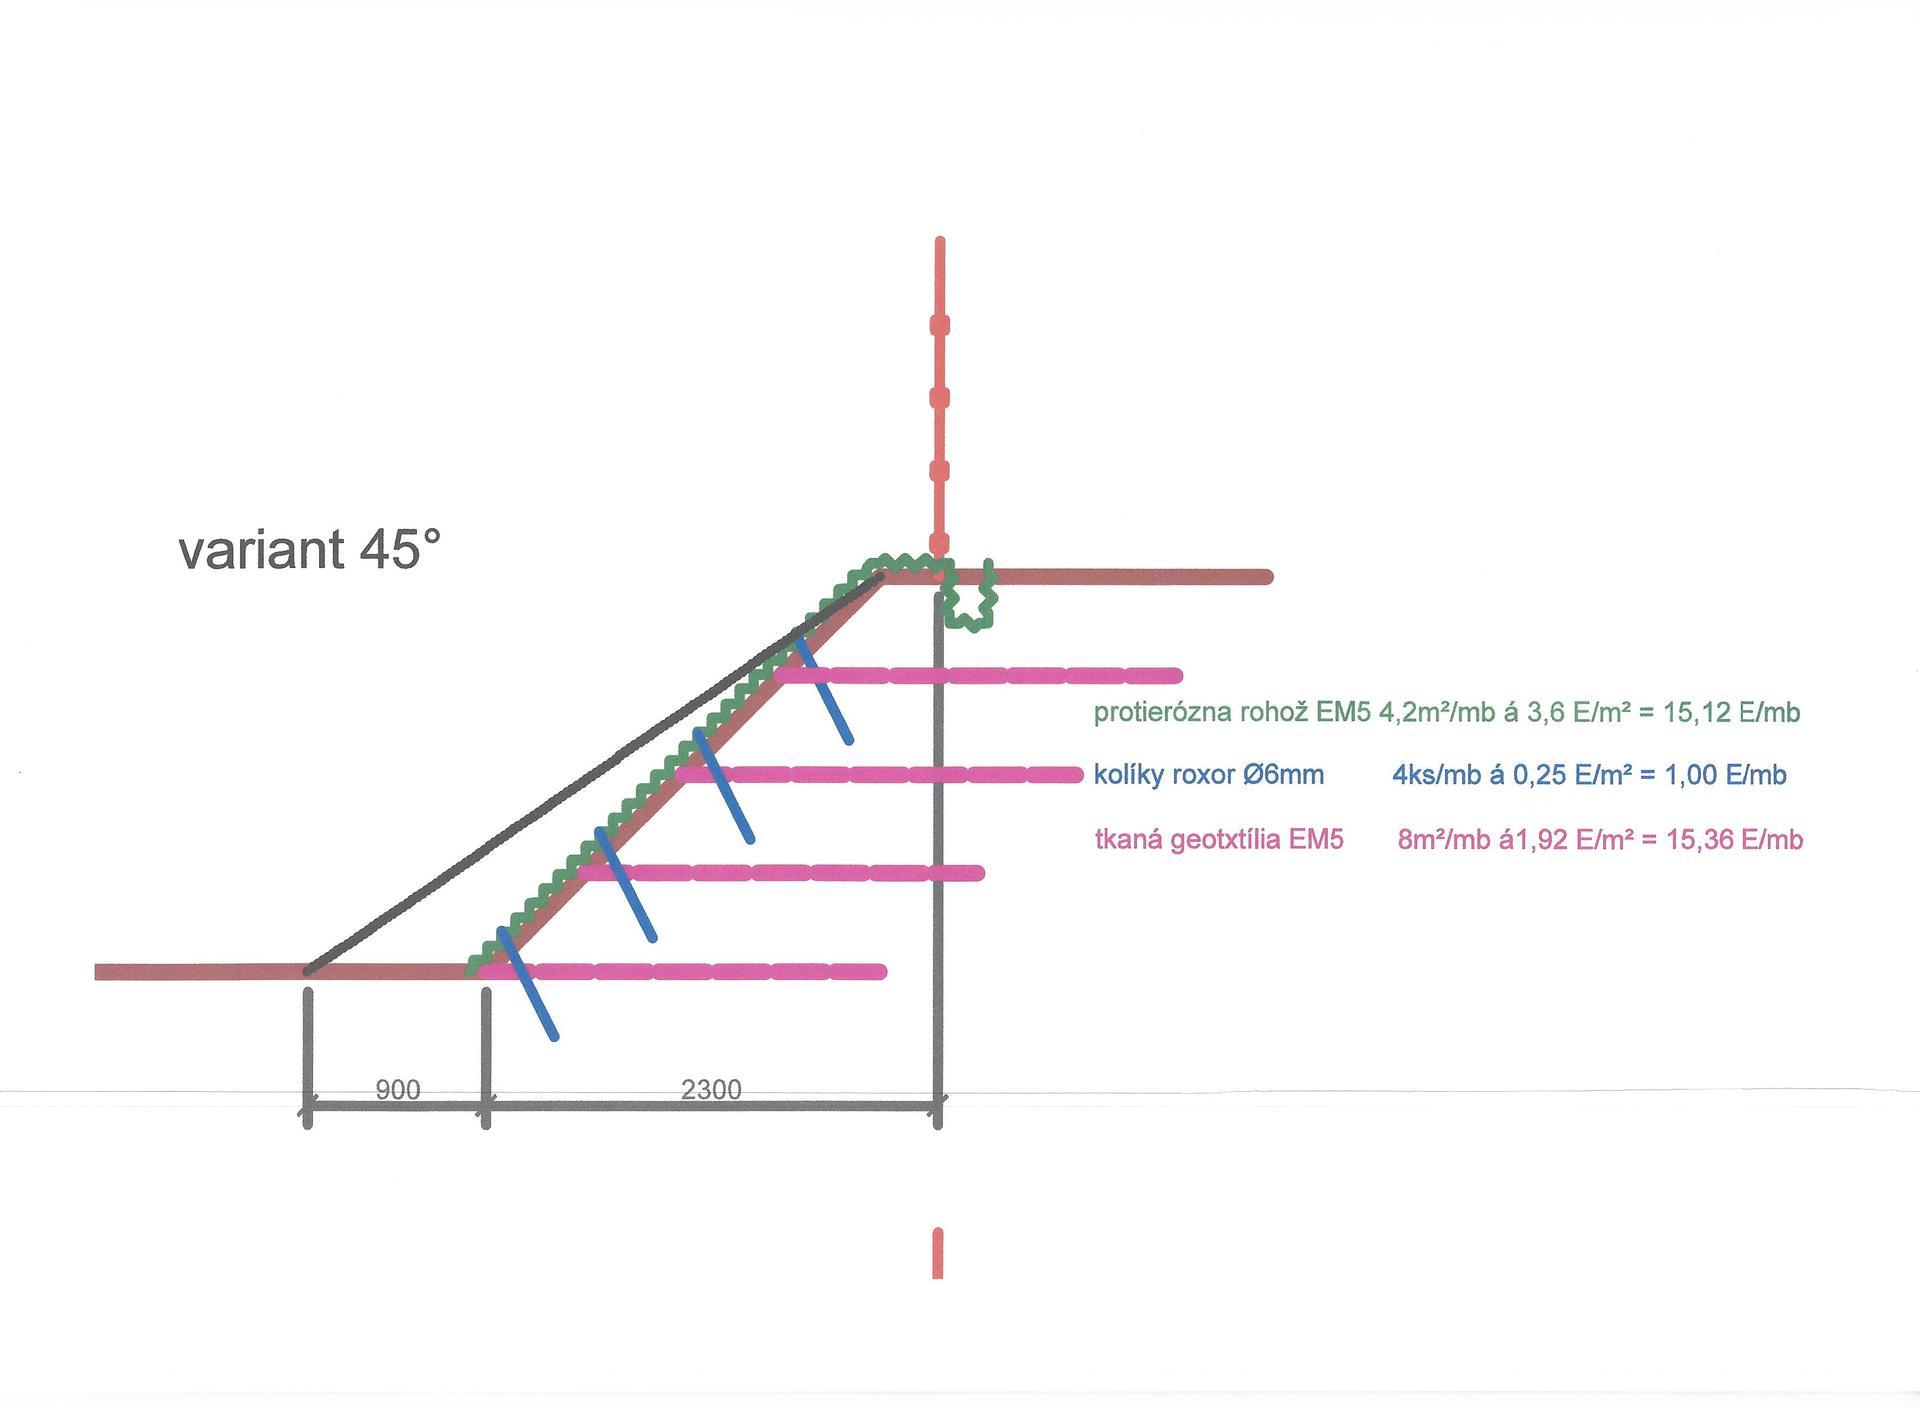 19. SVAH MEDZI SUSEDMI - otázka a odpoveď - 03. Variant s úpravou svahu v sklone 45°.